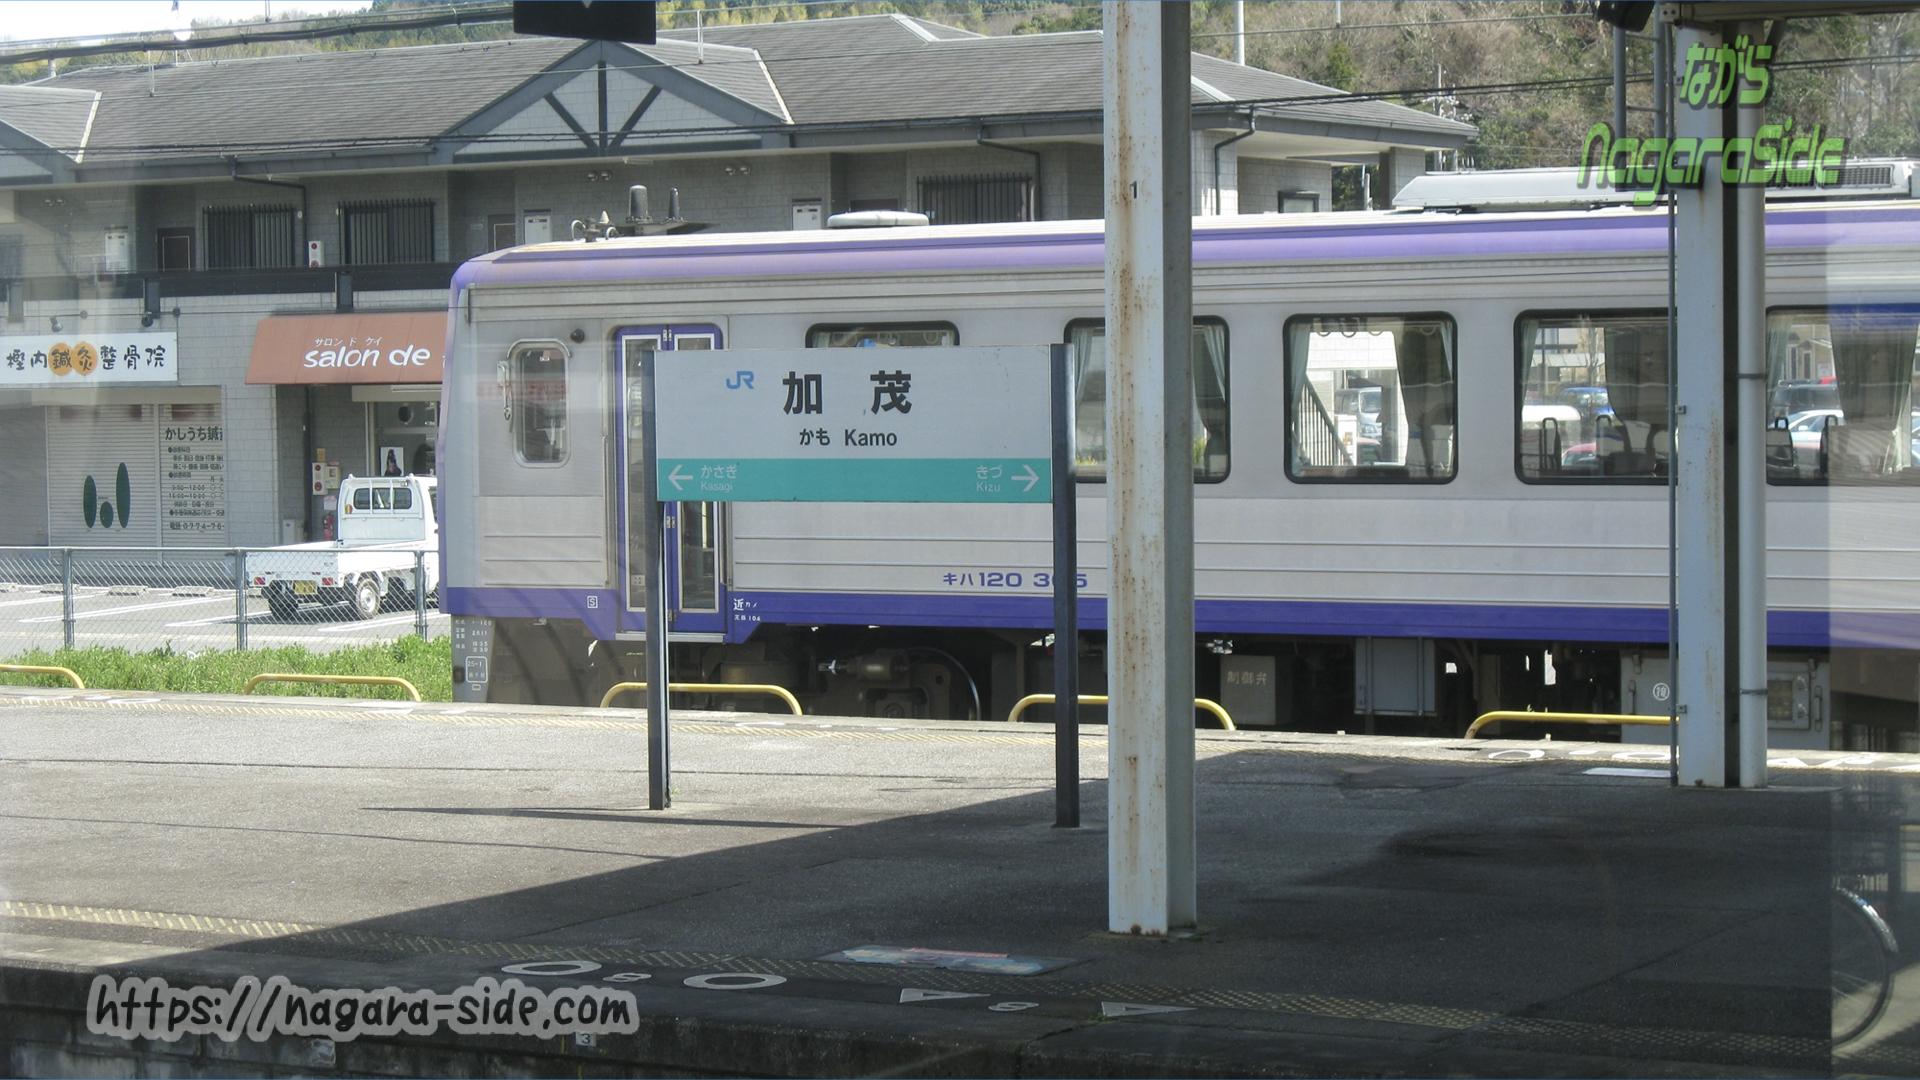 大和路線と関西線の乗継駅、加茂駅